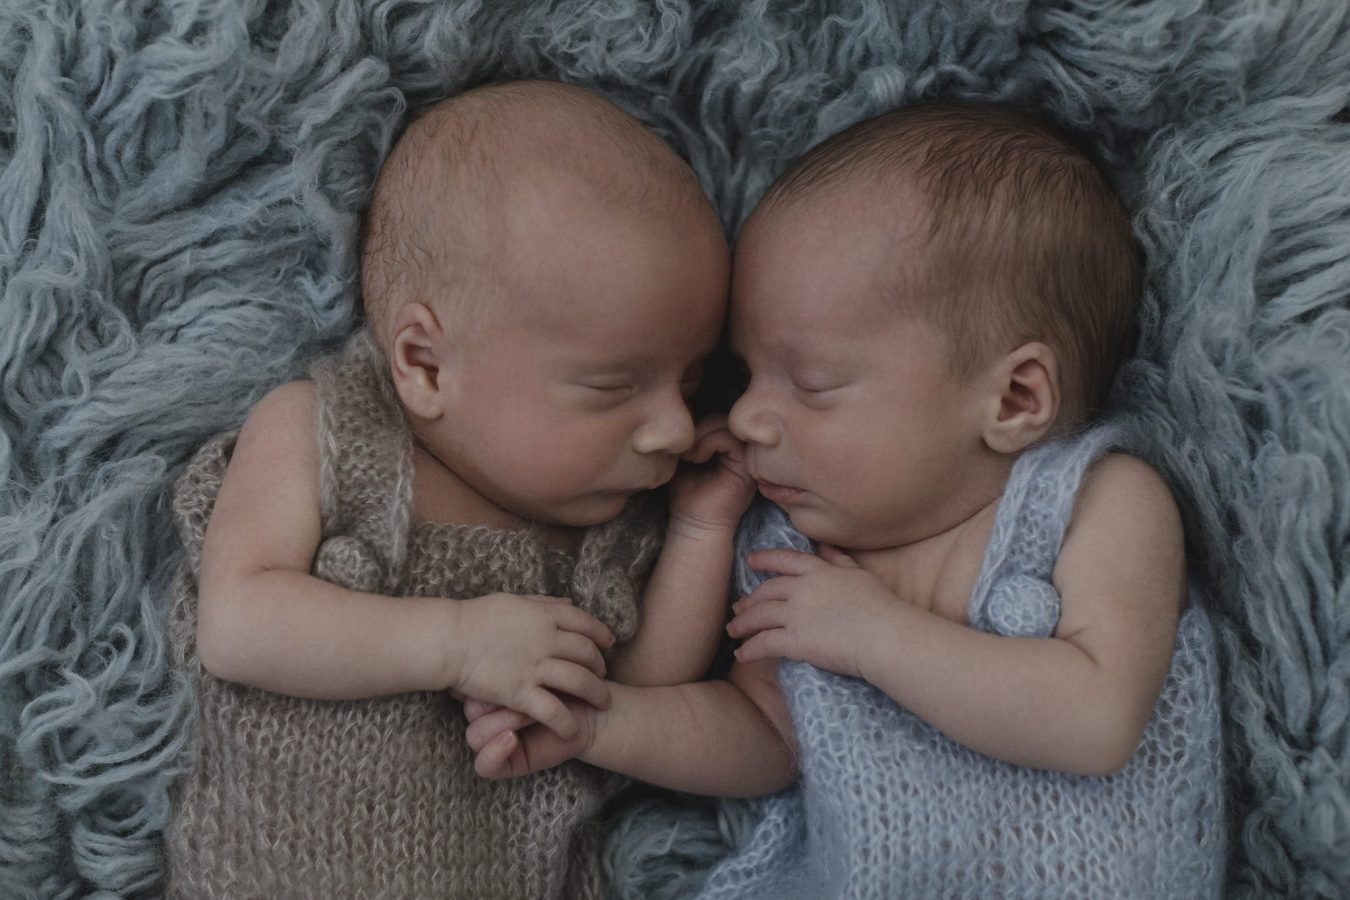 Babyfotograf Hamburg - Zwillinge liegen schlafend nebeneinander und halten sich an den Händen